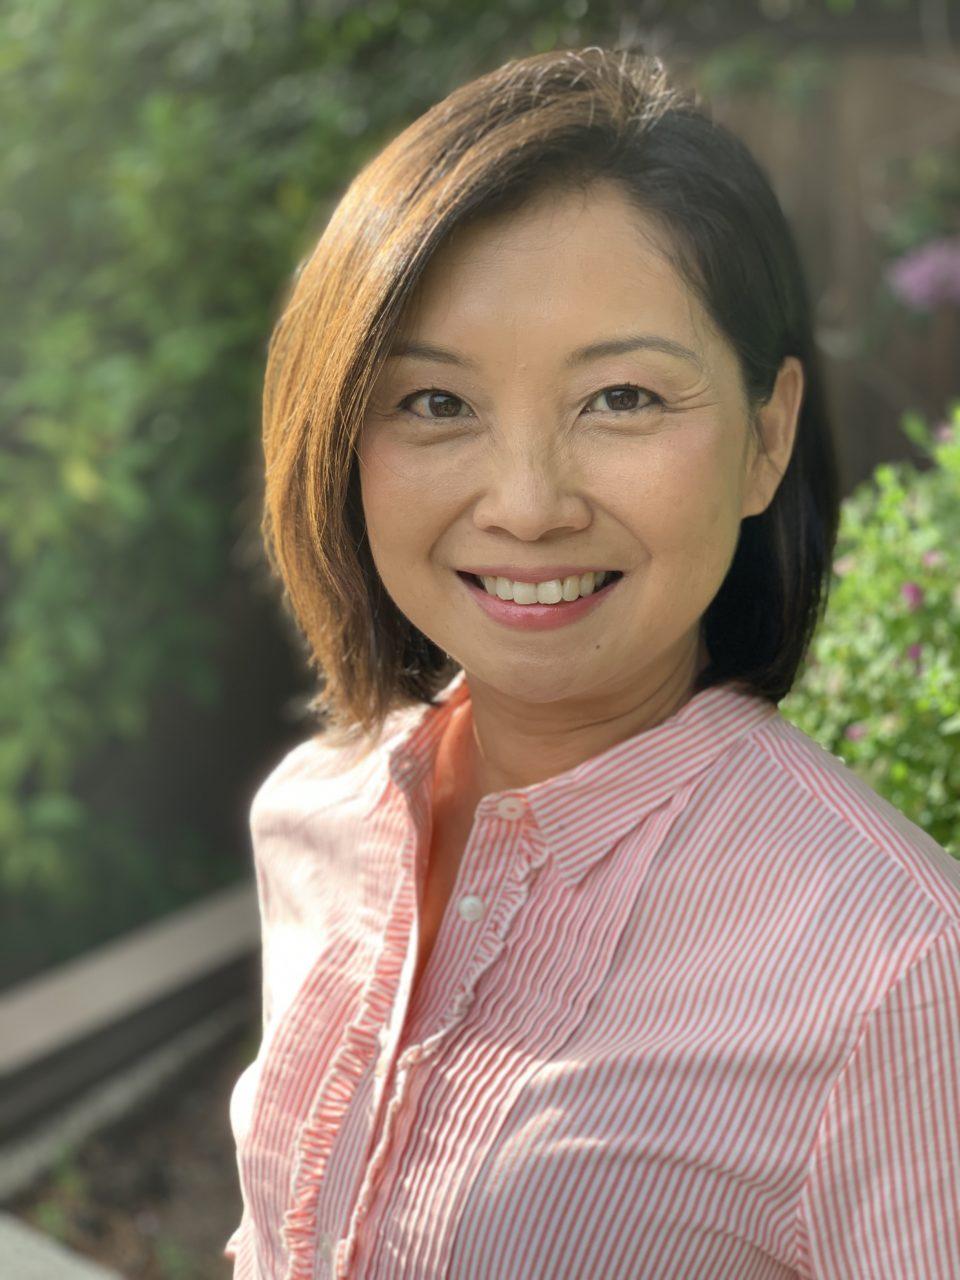 Judy_Yee_K-Zen_Co-Founder.jpg?fit=1200%2C1600&ssl=1